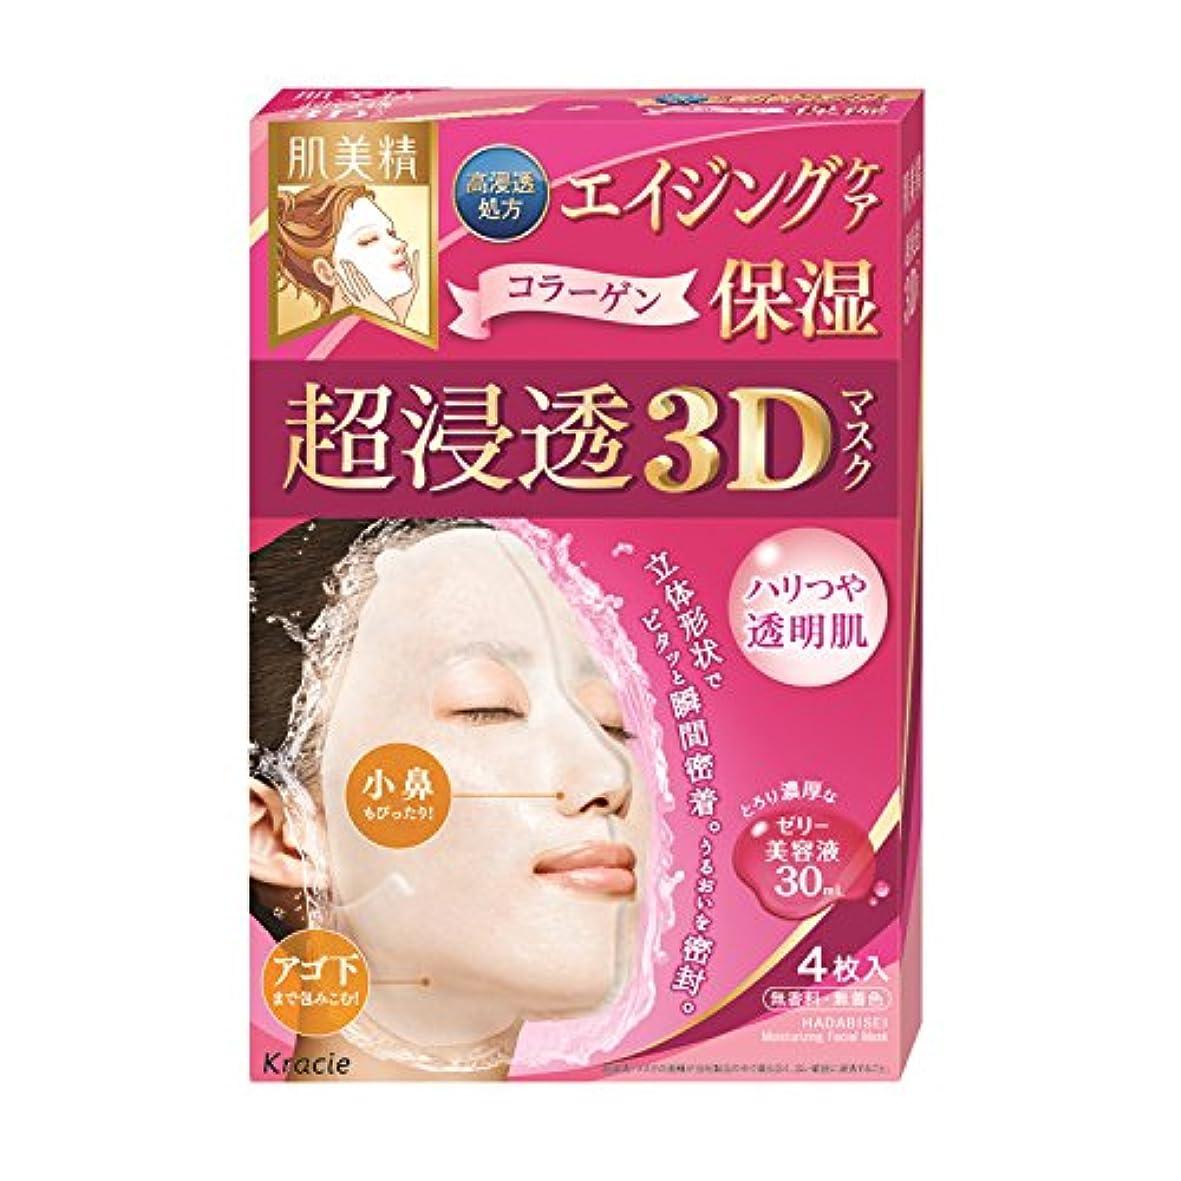 合金アルバム受粉する肌美精 超浸透3Dマスク (エイジング保湿) 4枚